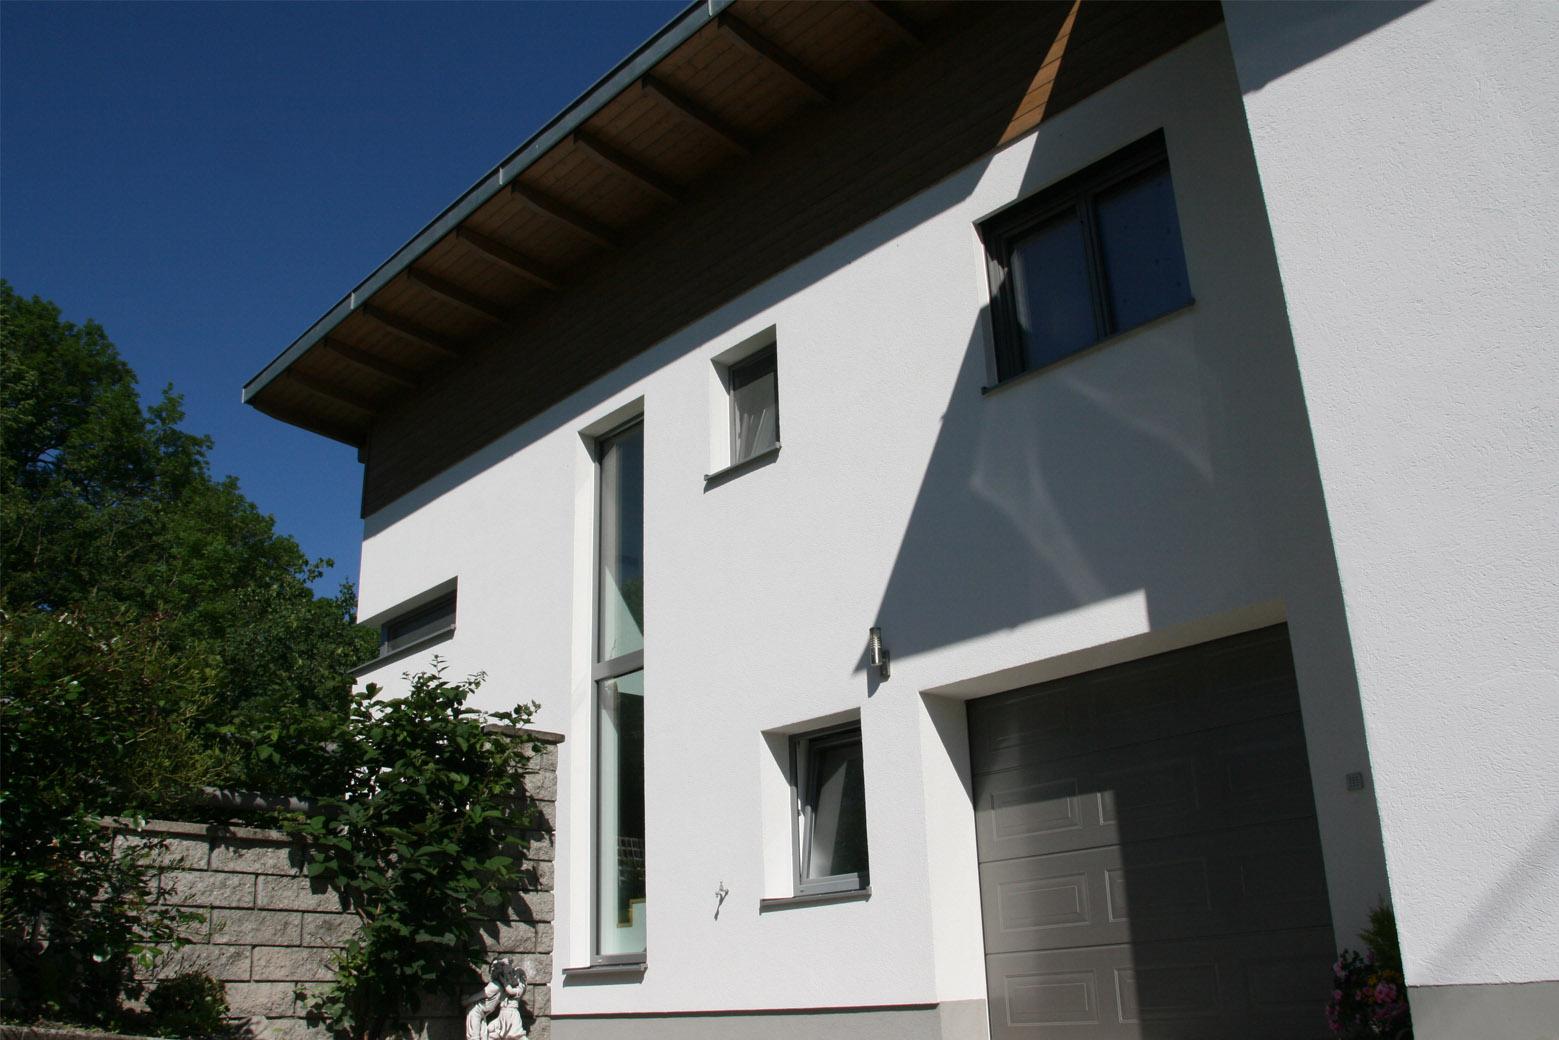 holzmassivhaus_25